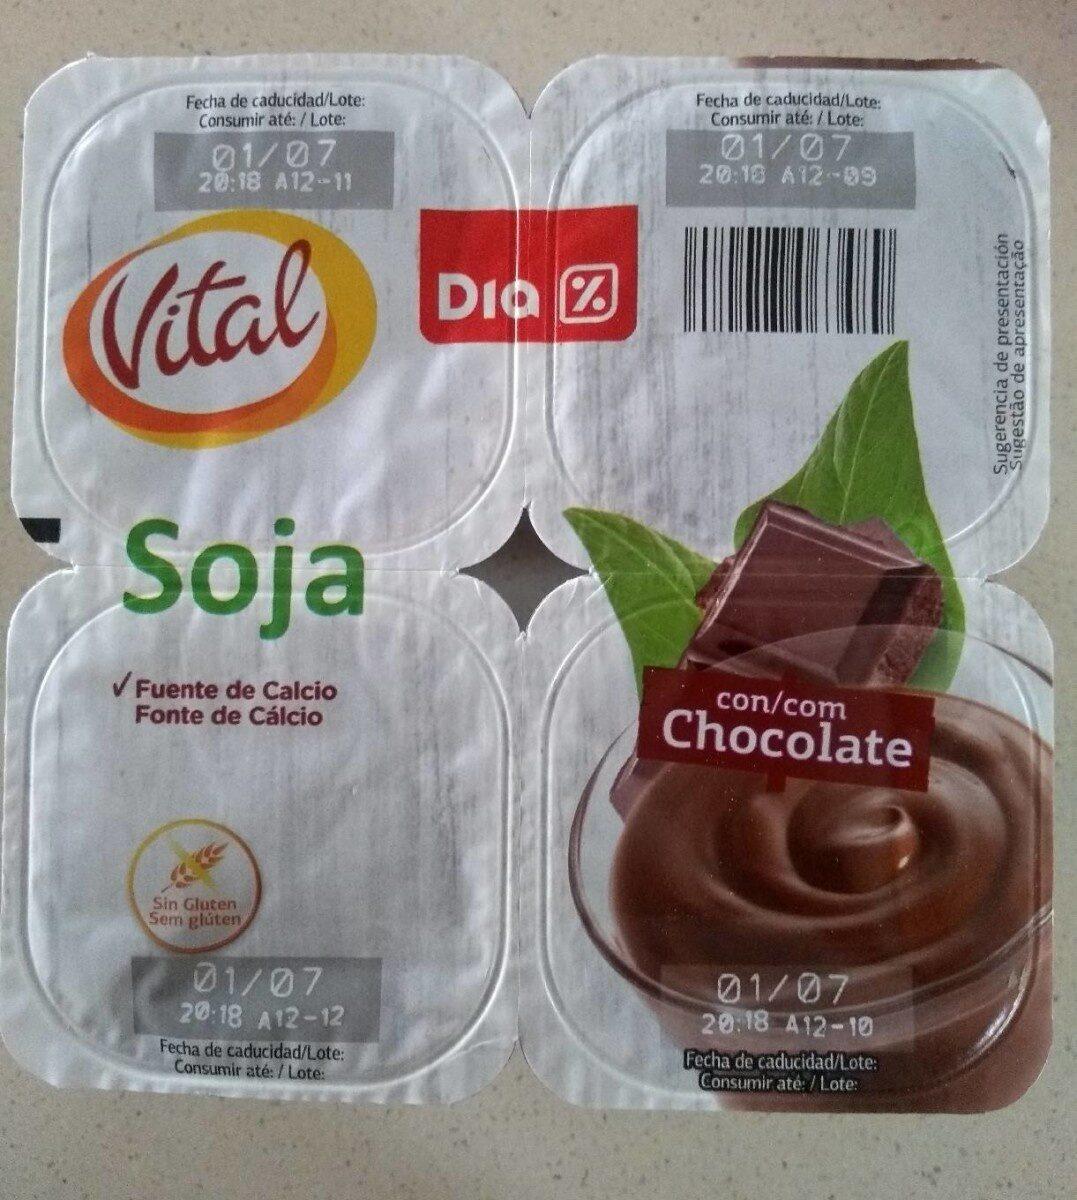 Vital postre de soja chocolate - Producto - es